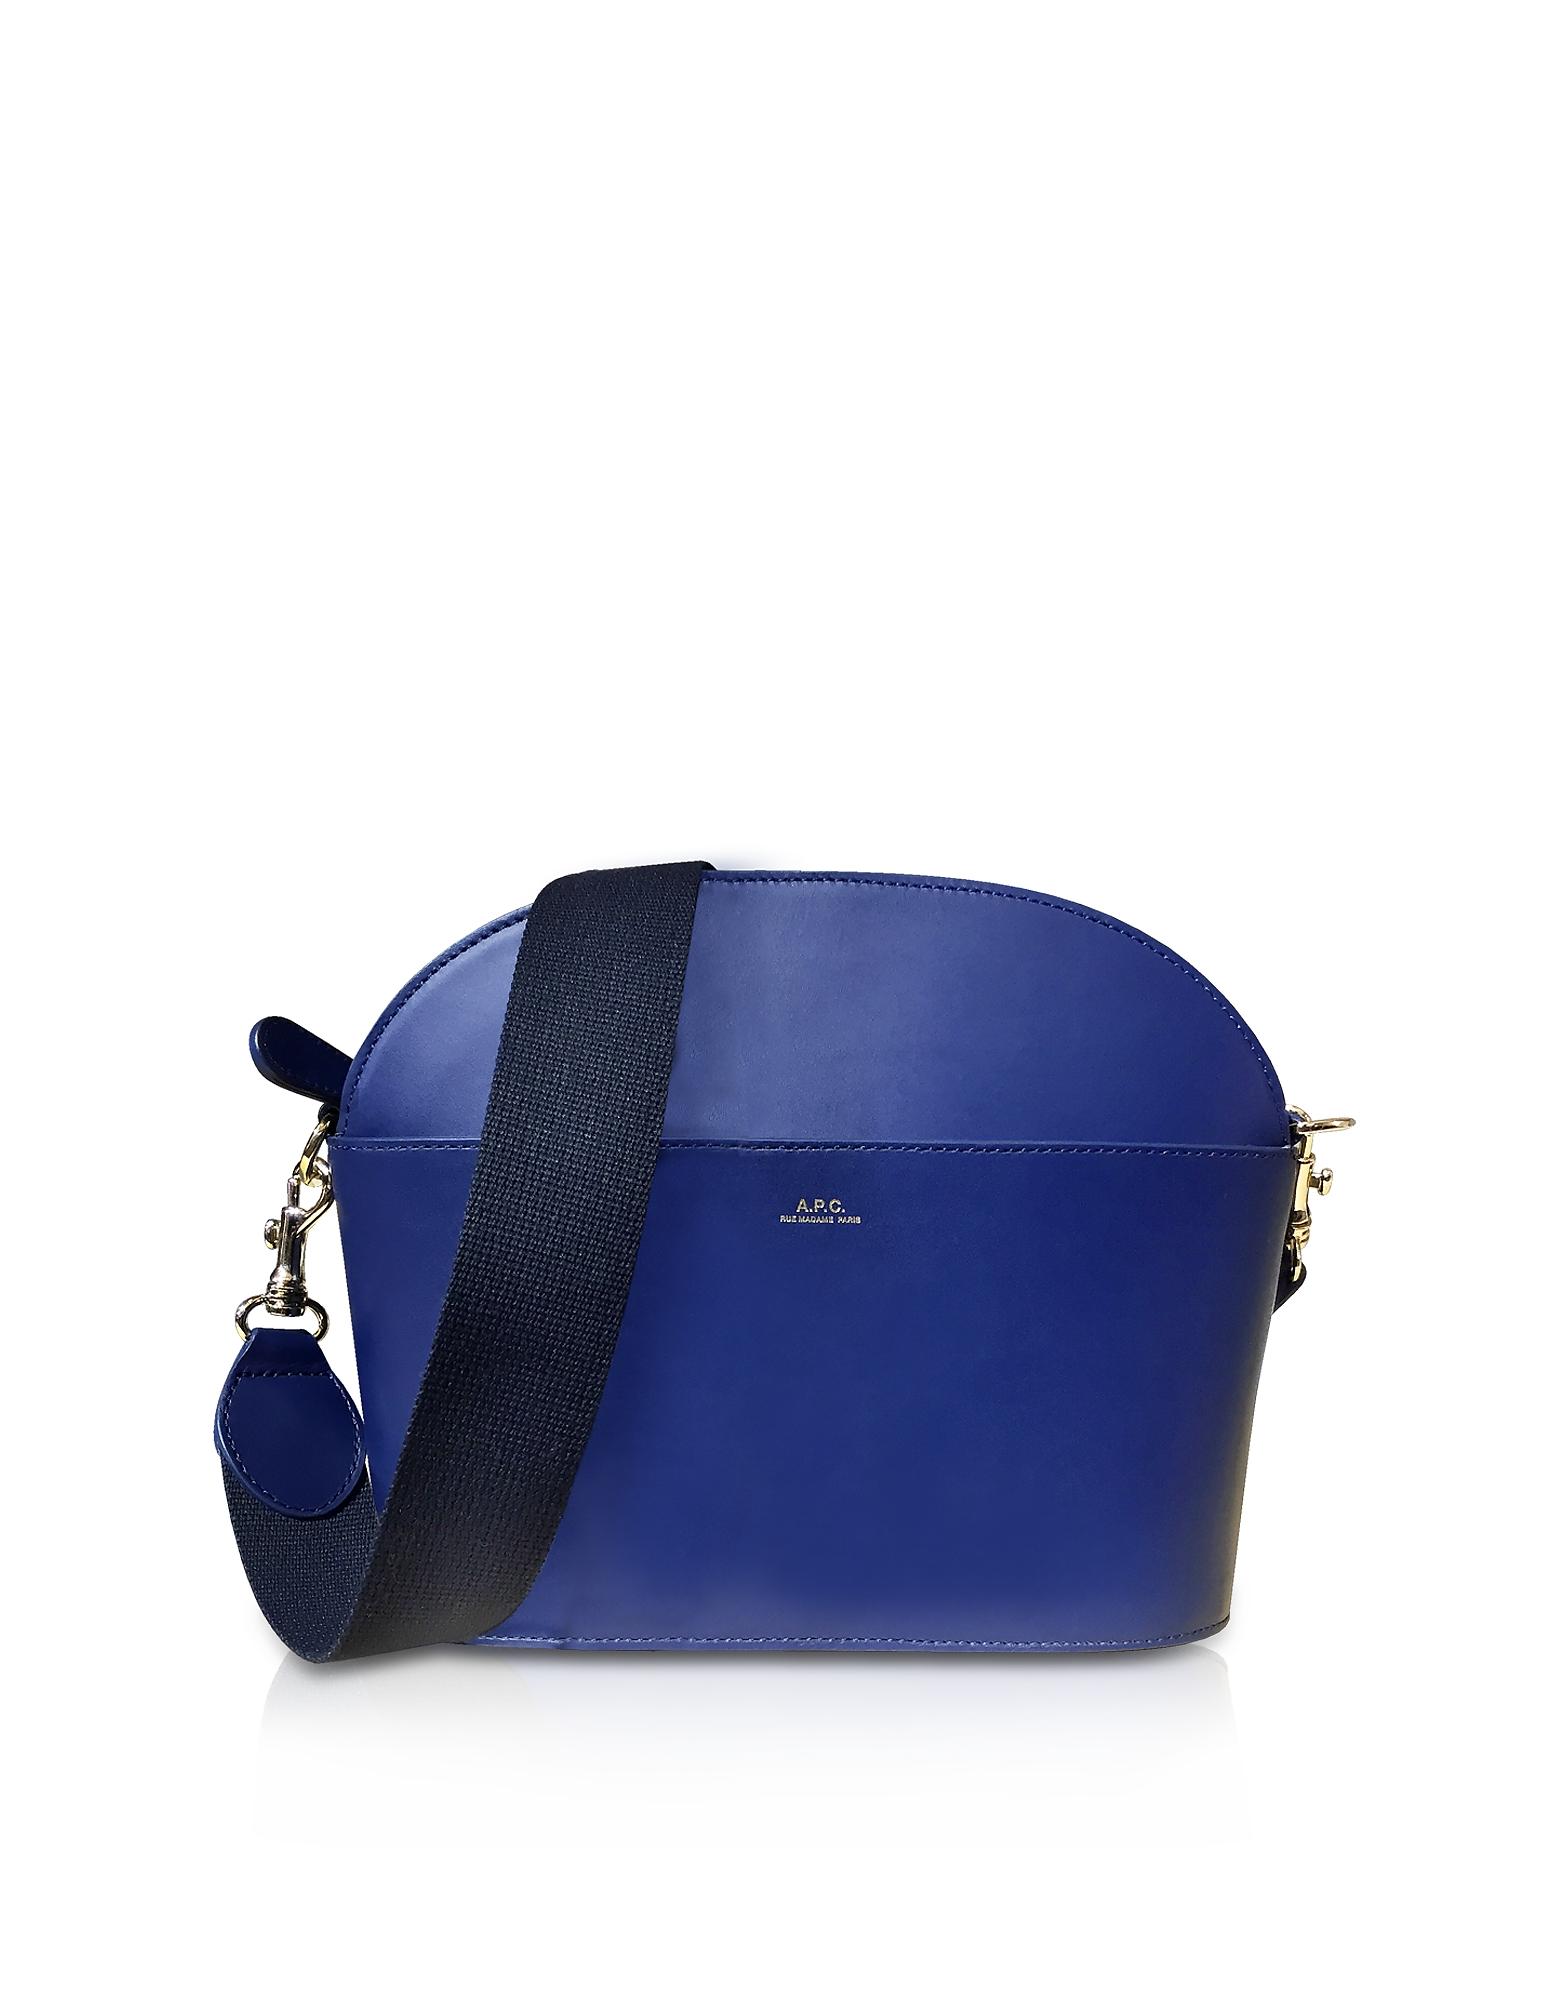 Image of A.P.C. Designer Handbags, Marine Blue Leather Gabrielle Shoulder Bag